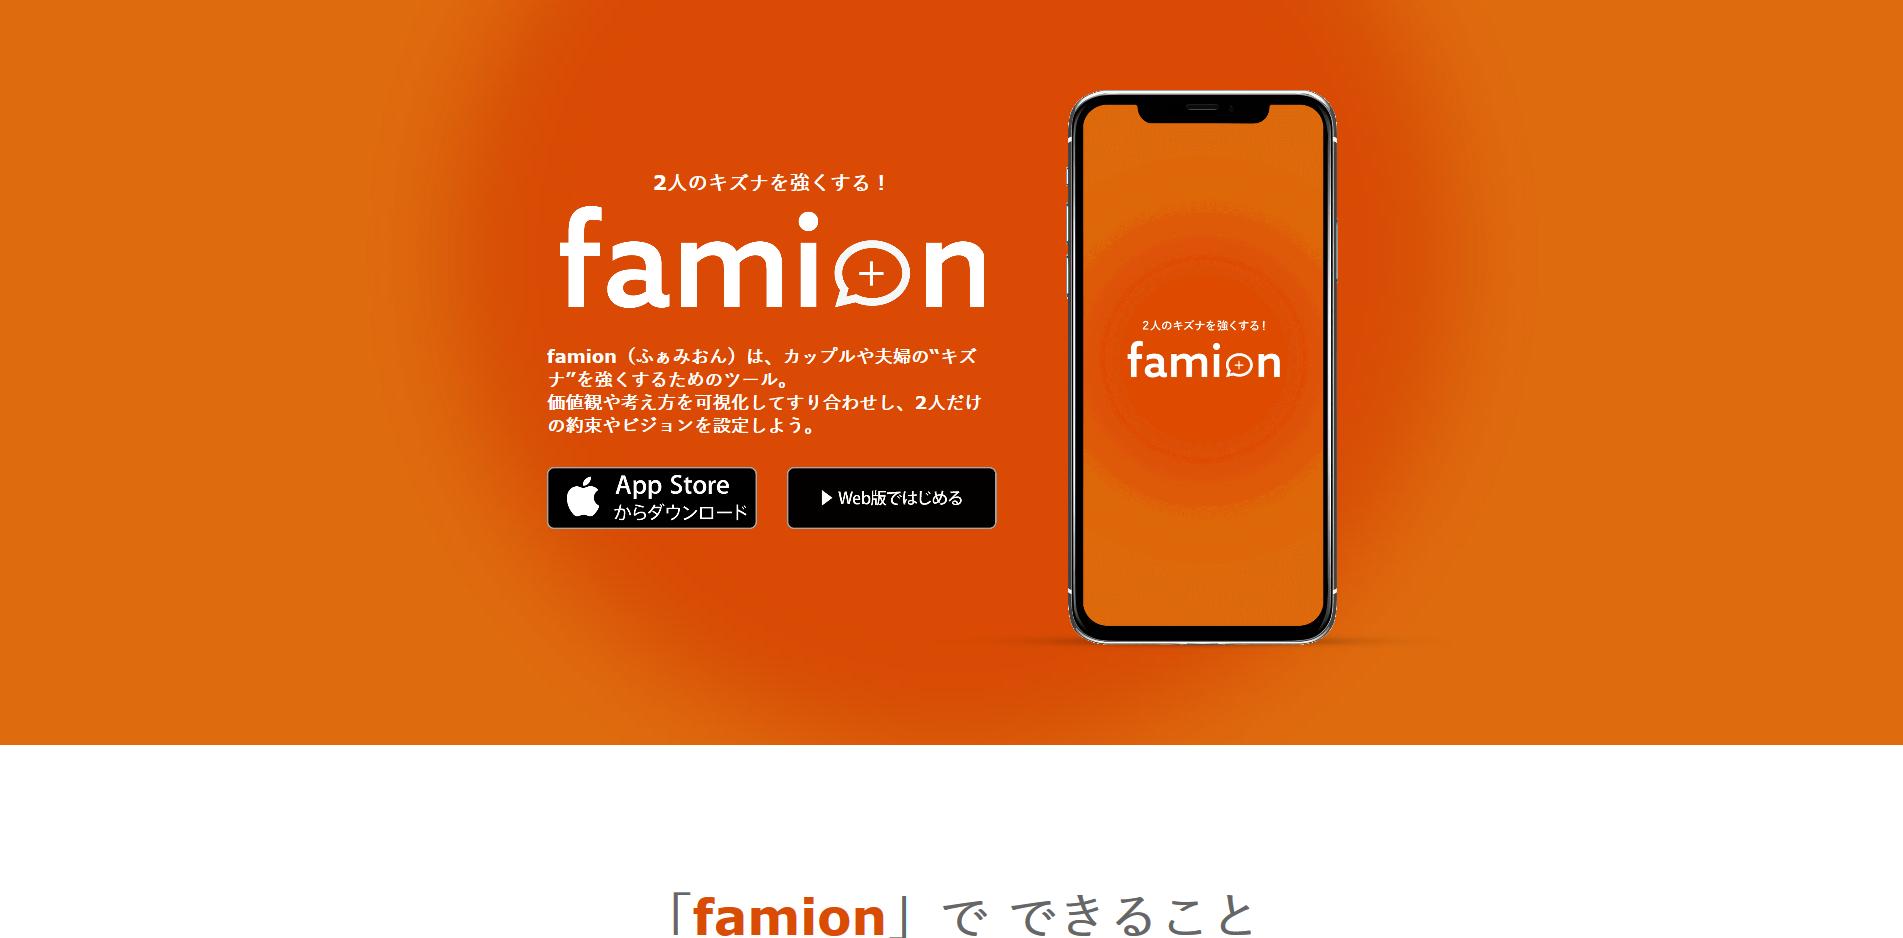 エン婚活エージェント株式会社さま(famion)